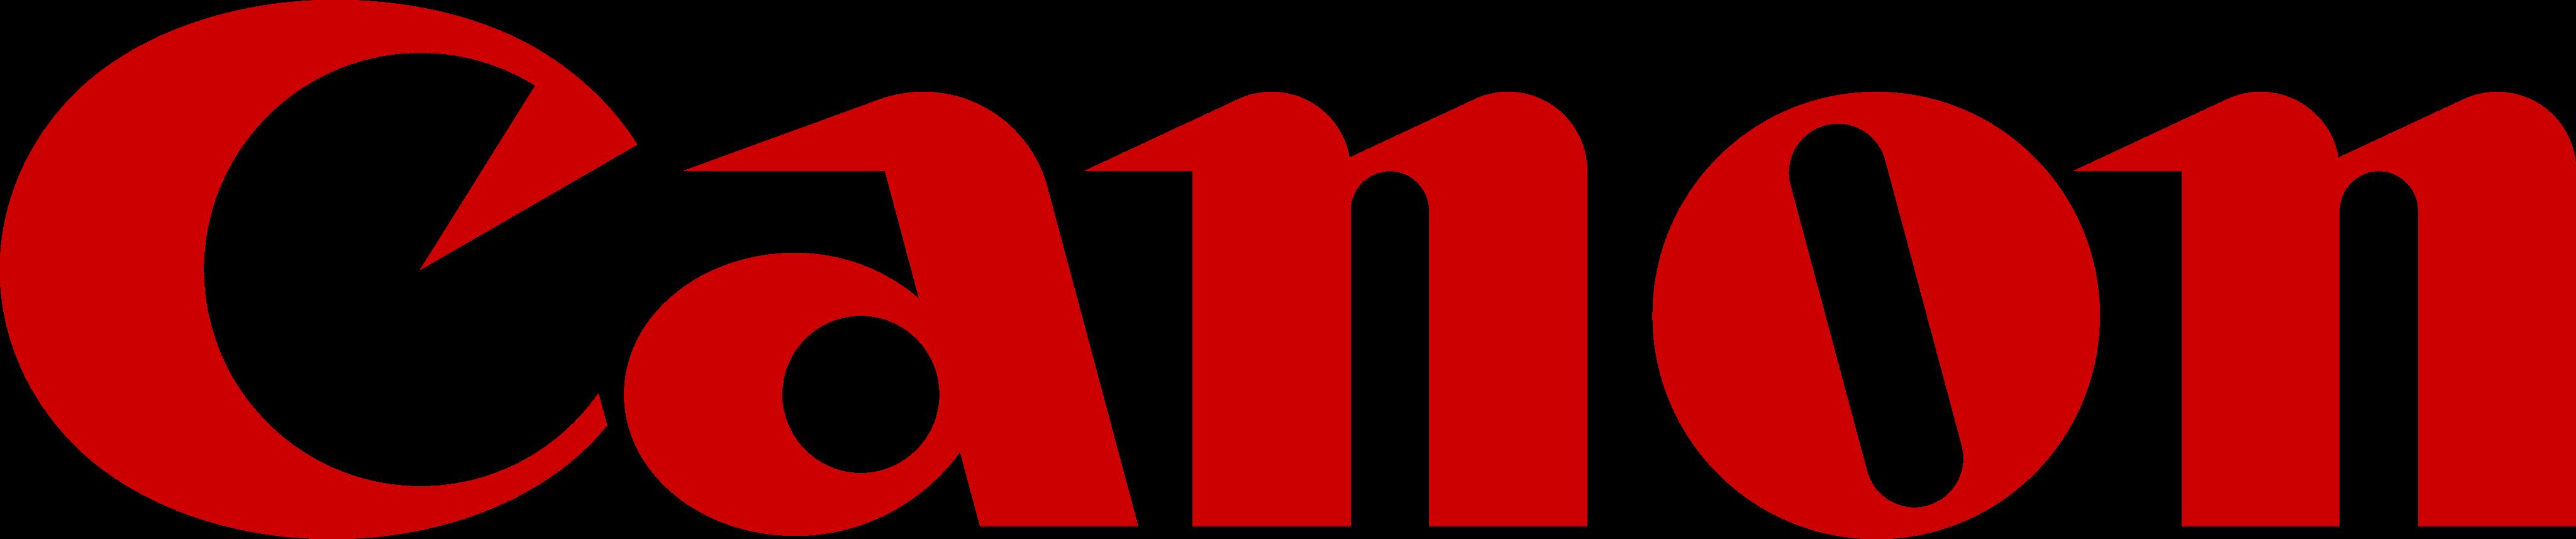 canon logo 6 - Canon Logo